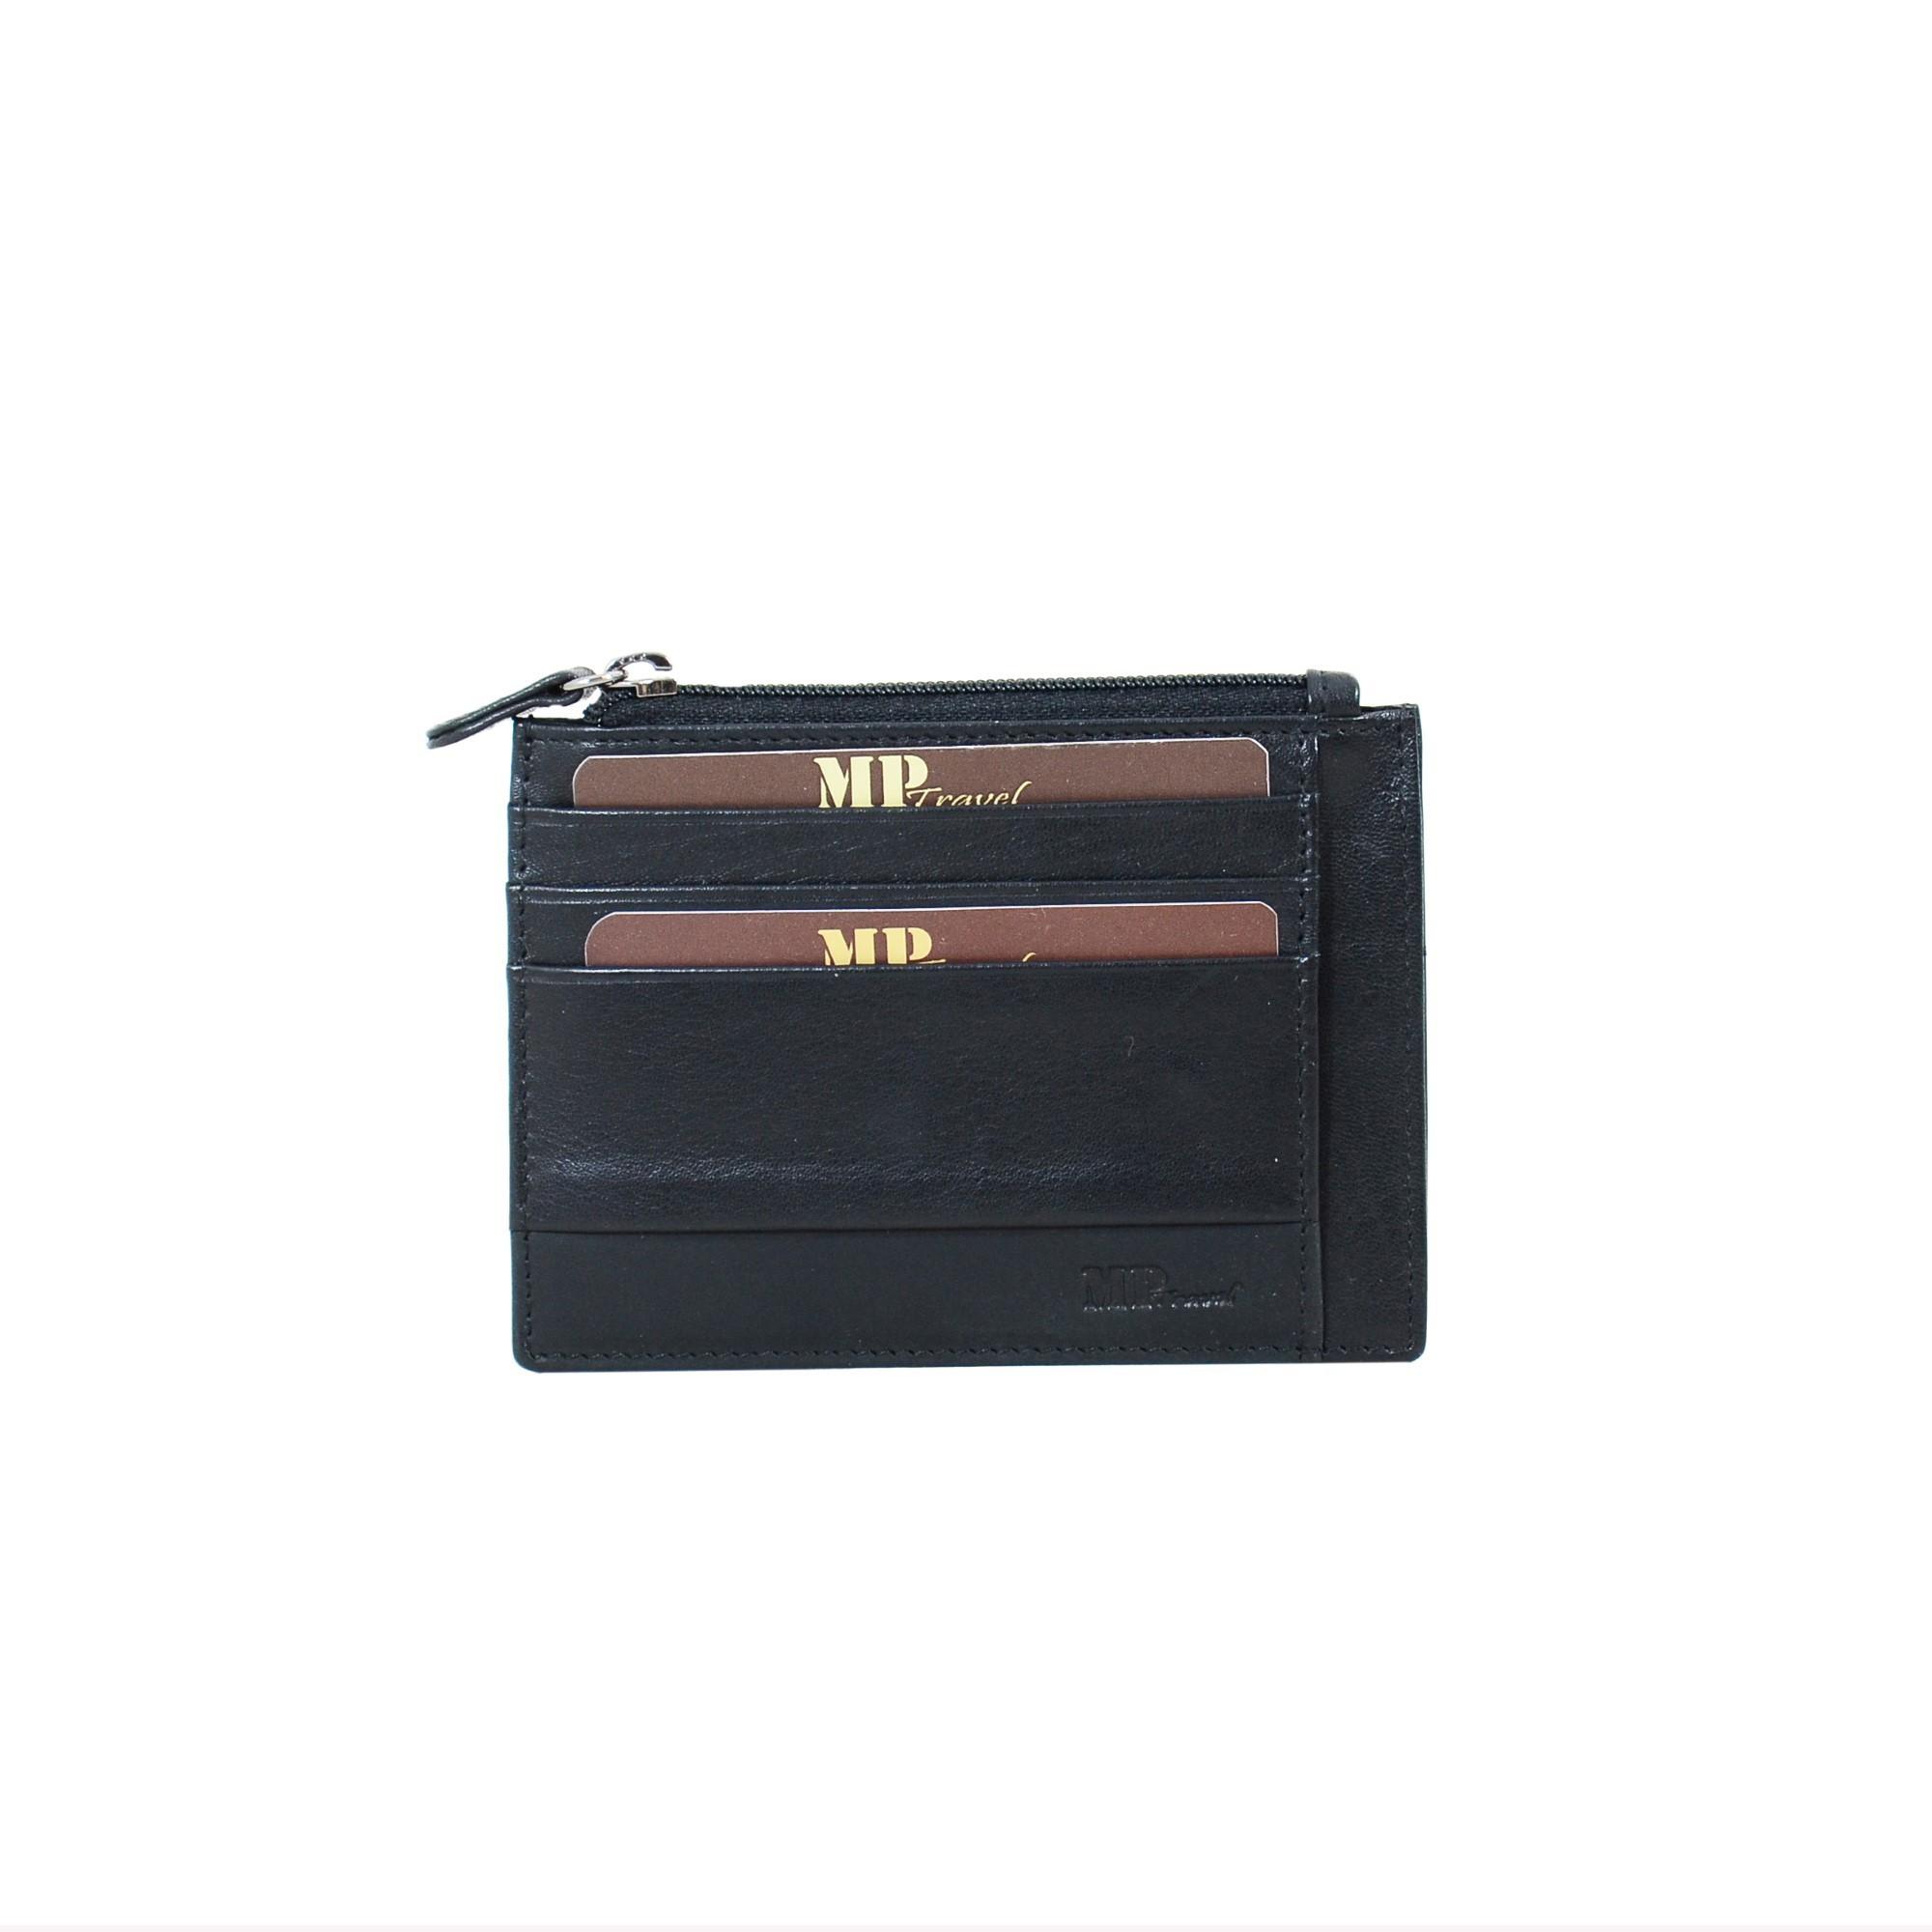 B123184R Preto - Футляр для карт MP с RFID защитой